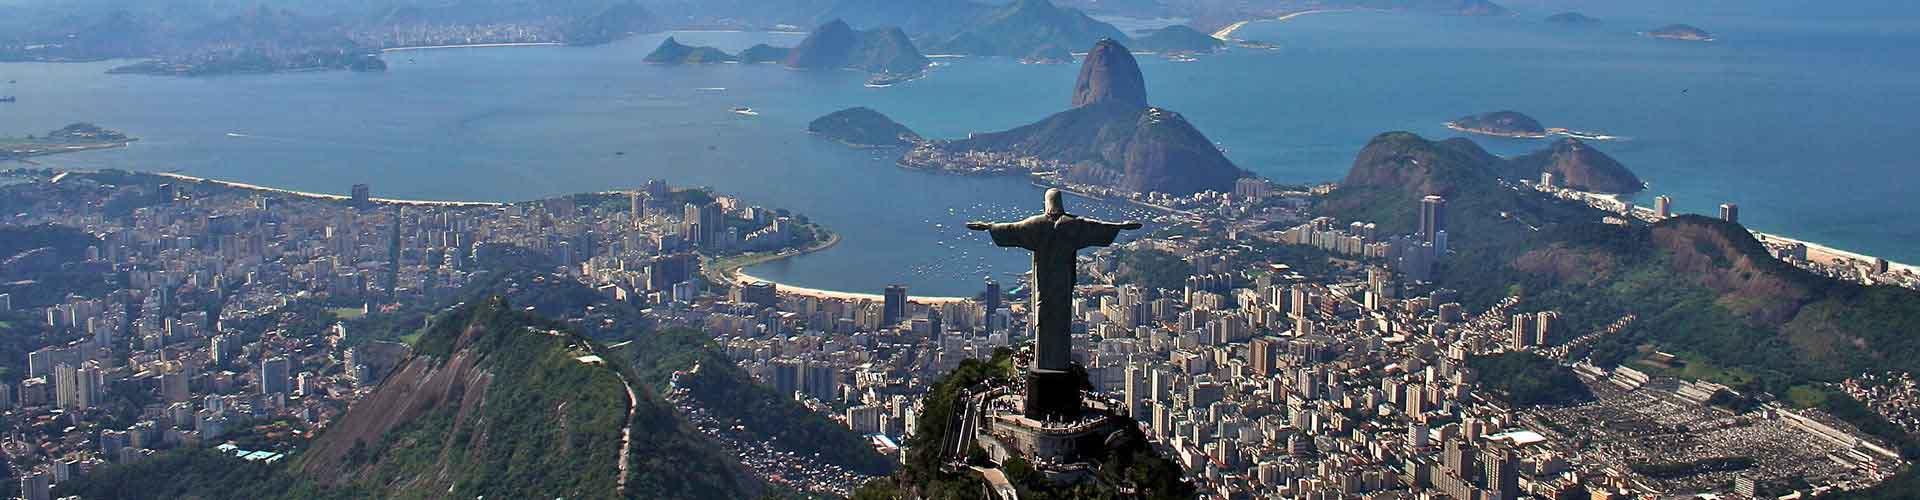 Rio de Janeiro - Ifjúsági Szállások Rio de Janeiroben. Rio de Janeiro térképek, fotók és ajánlások minden egyes ifjúsági szállásokra Rio de Janeiro-ben.